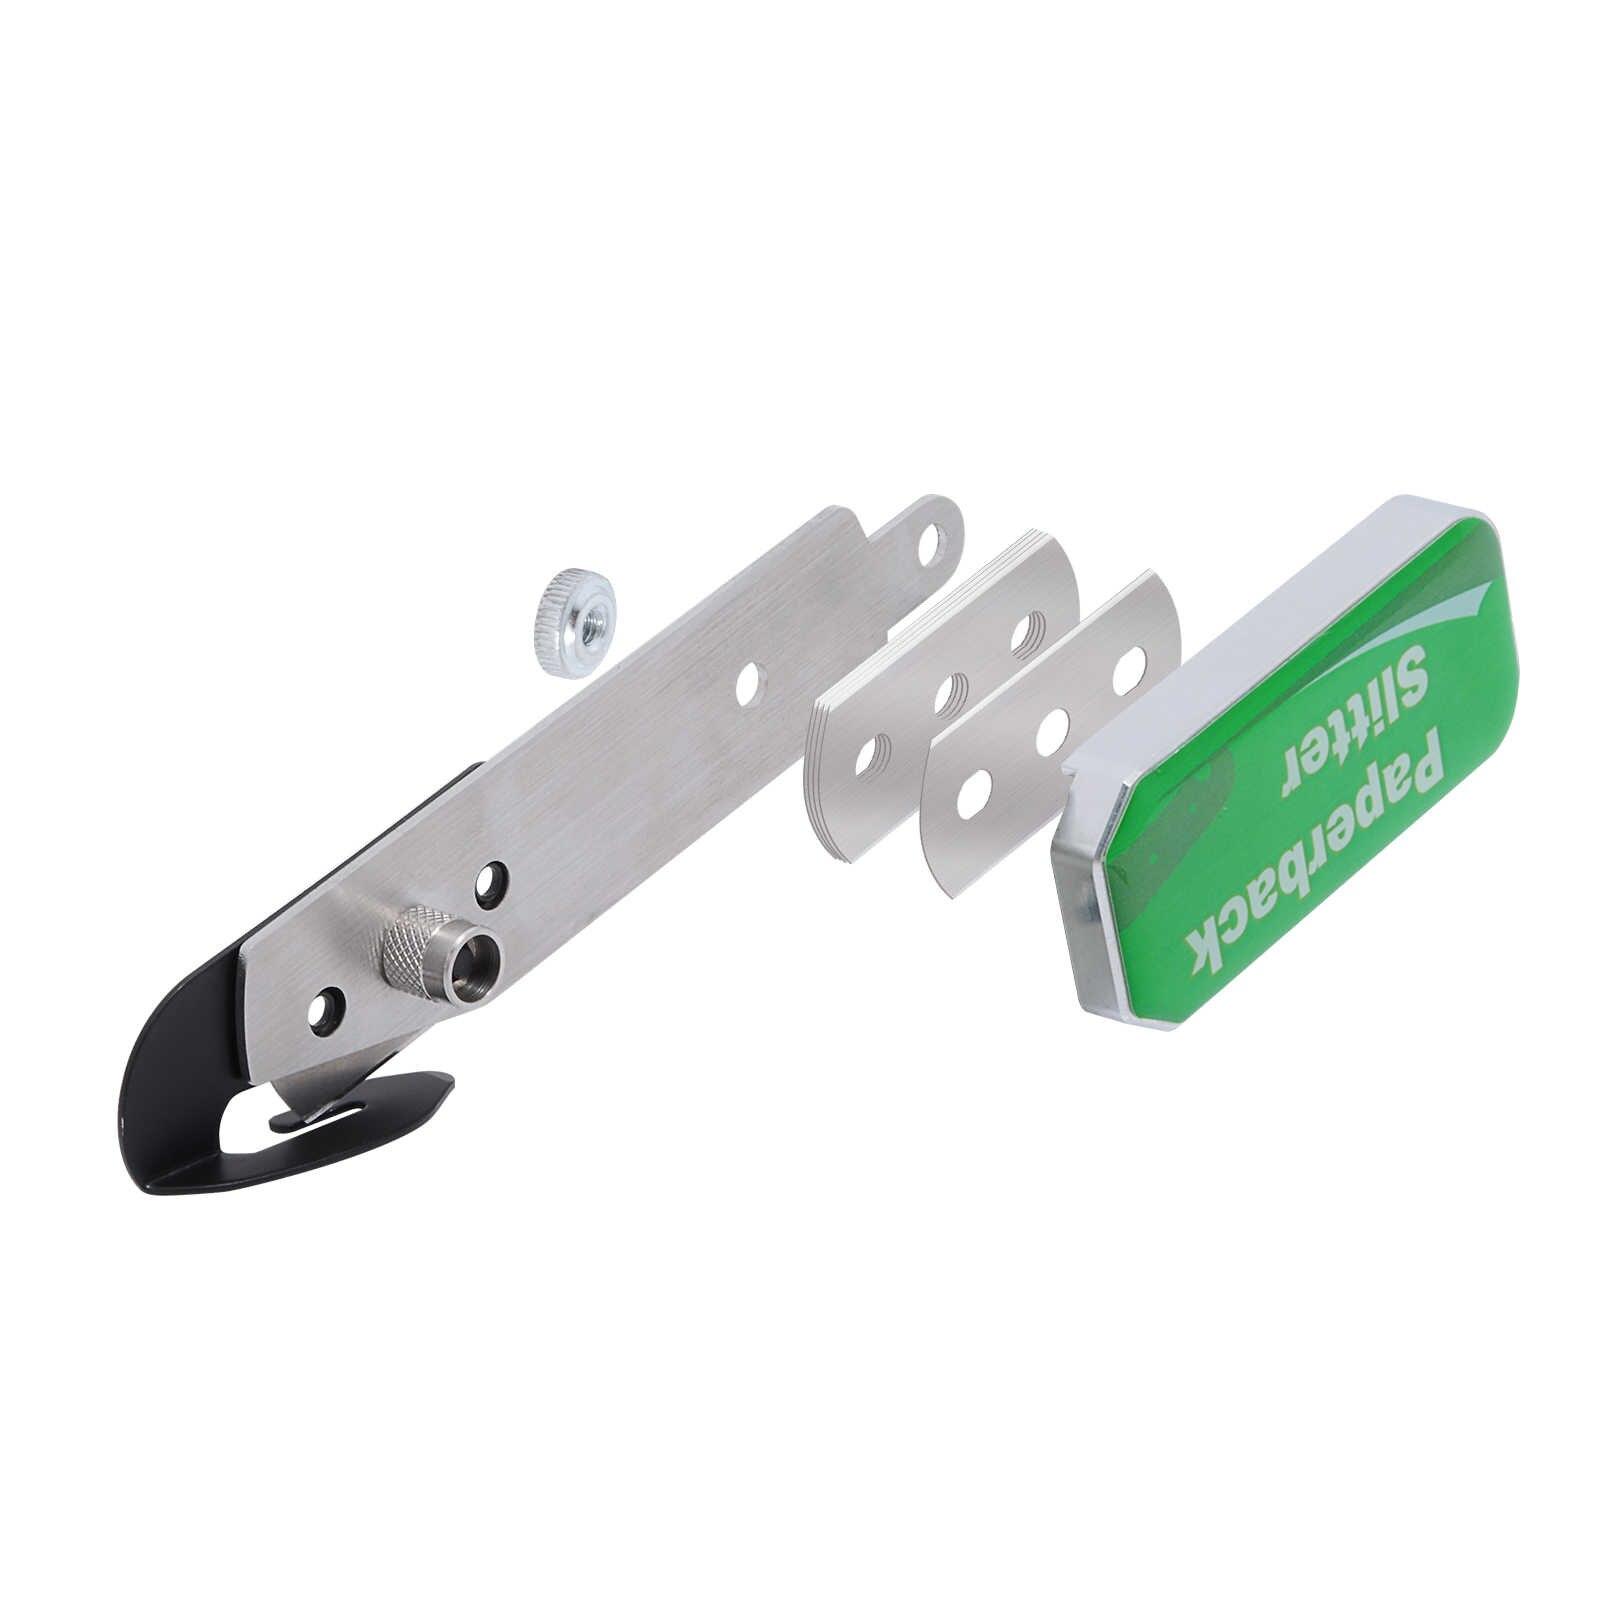 Cuchillo de película de carbono EHDIS, cortador de hoja de vinilo de fibra adhesiva para coche, cortadora de pegatina de recubrimiento completo con caja de almacenamiento, herramienta de corte de teflón de tinte de ventanilla